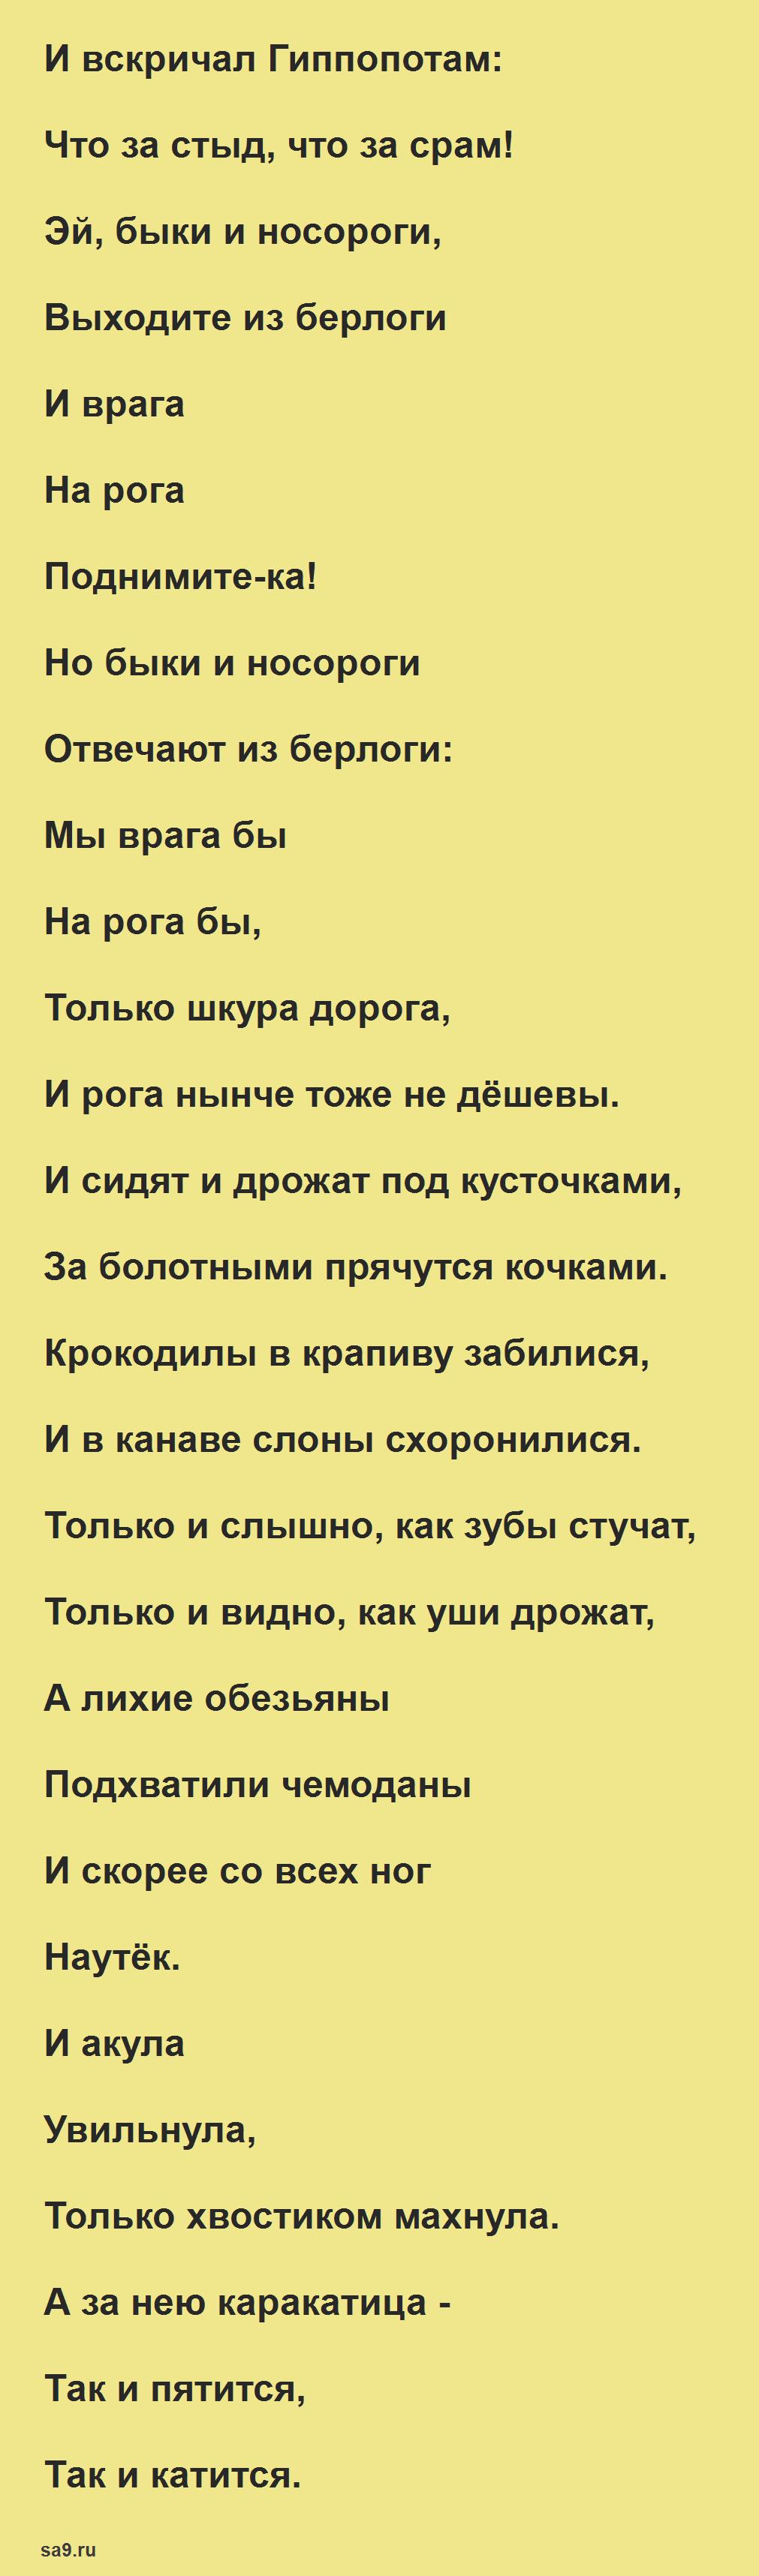 Читать и скачать бесплатно сказку Чуковского 'Тараканище'